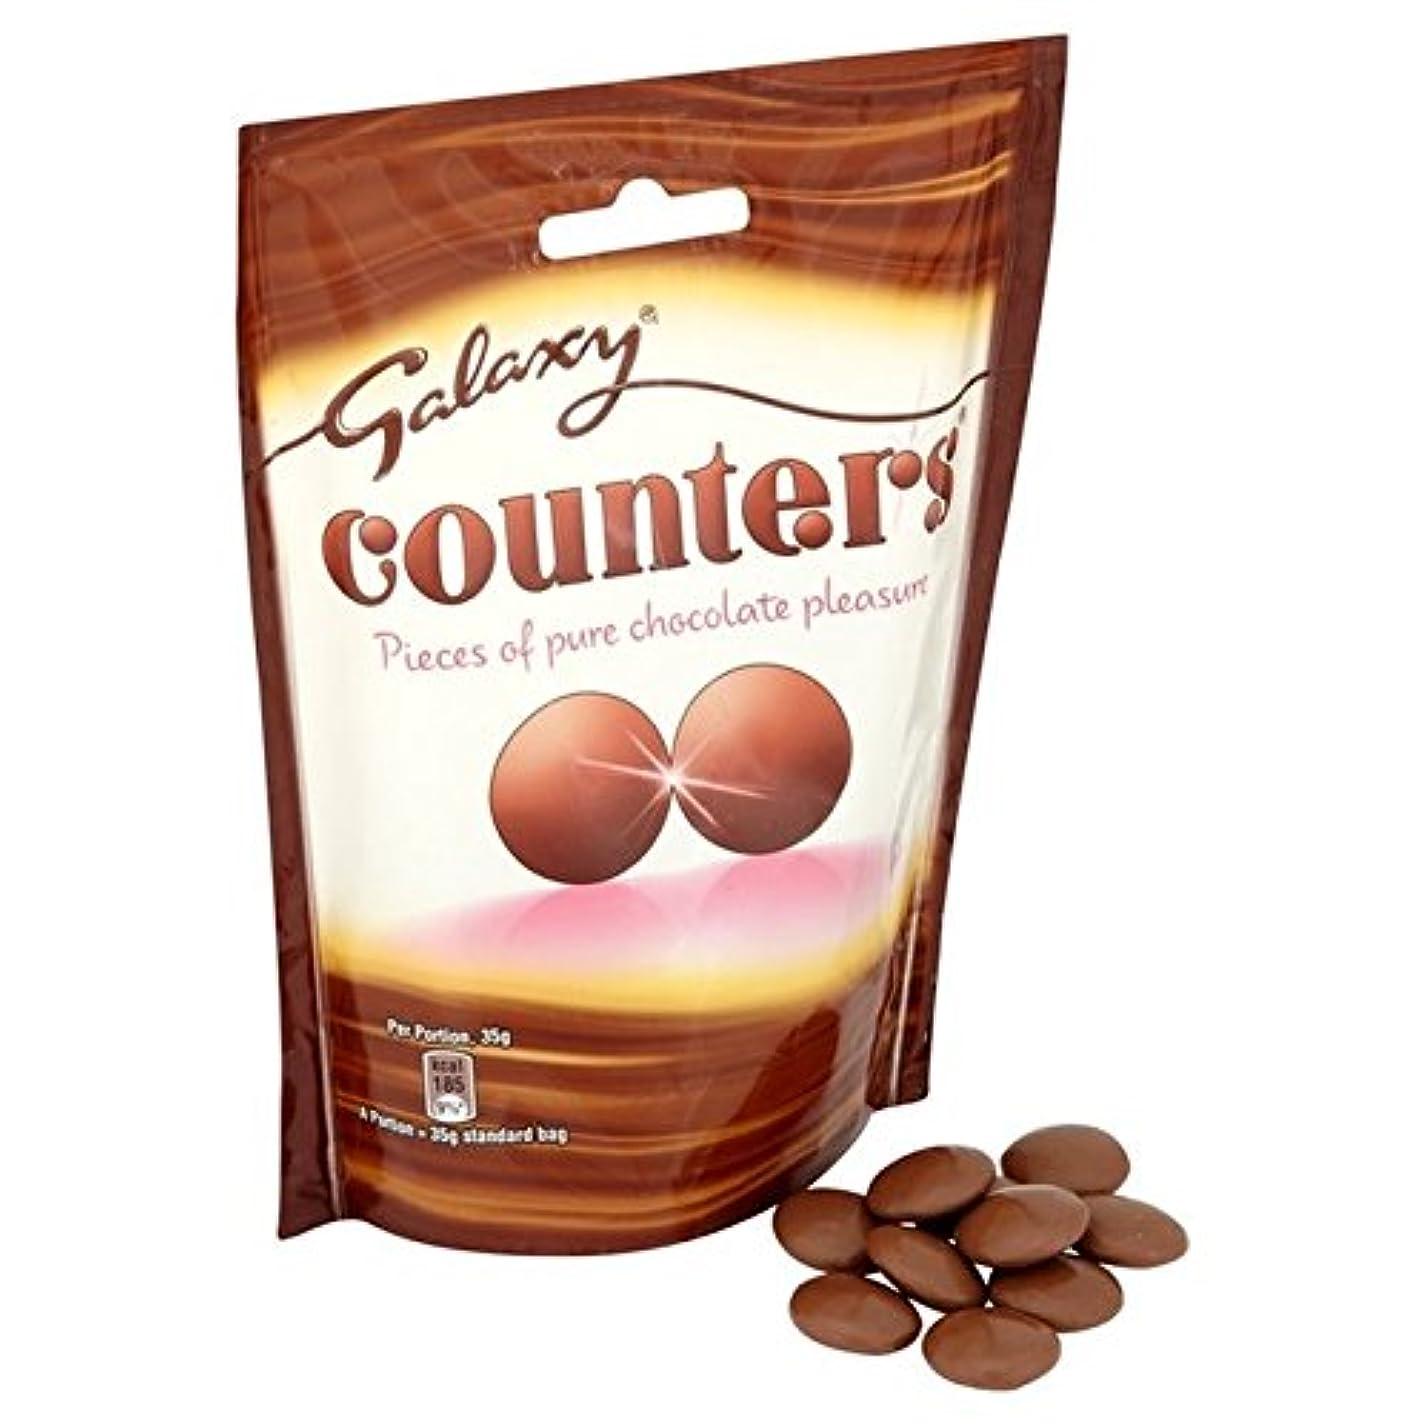 農奴城敵銀河カウンターポーチ126グラム (x 4) - Galaxy Counters Pouch 126g (Pack of 4) [並行輸入品]